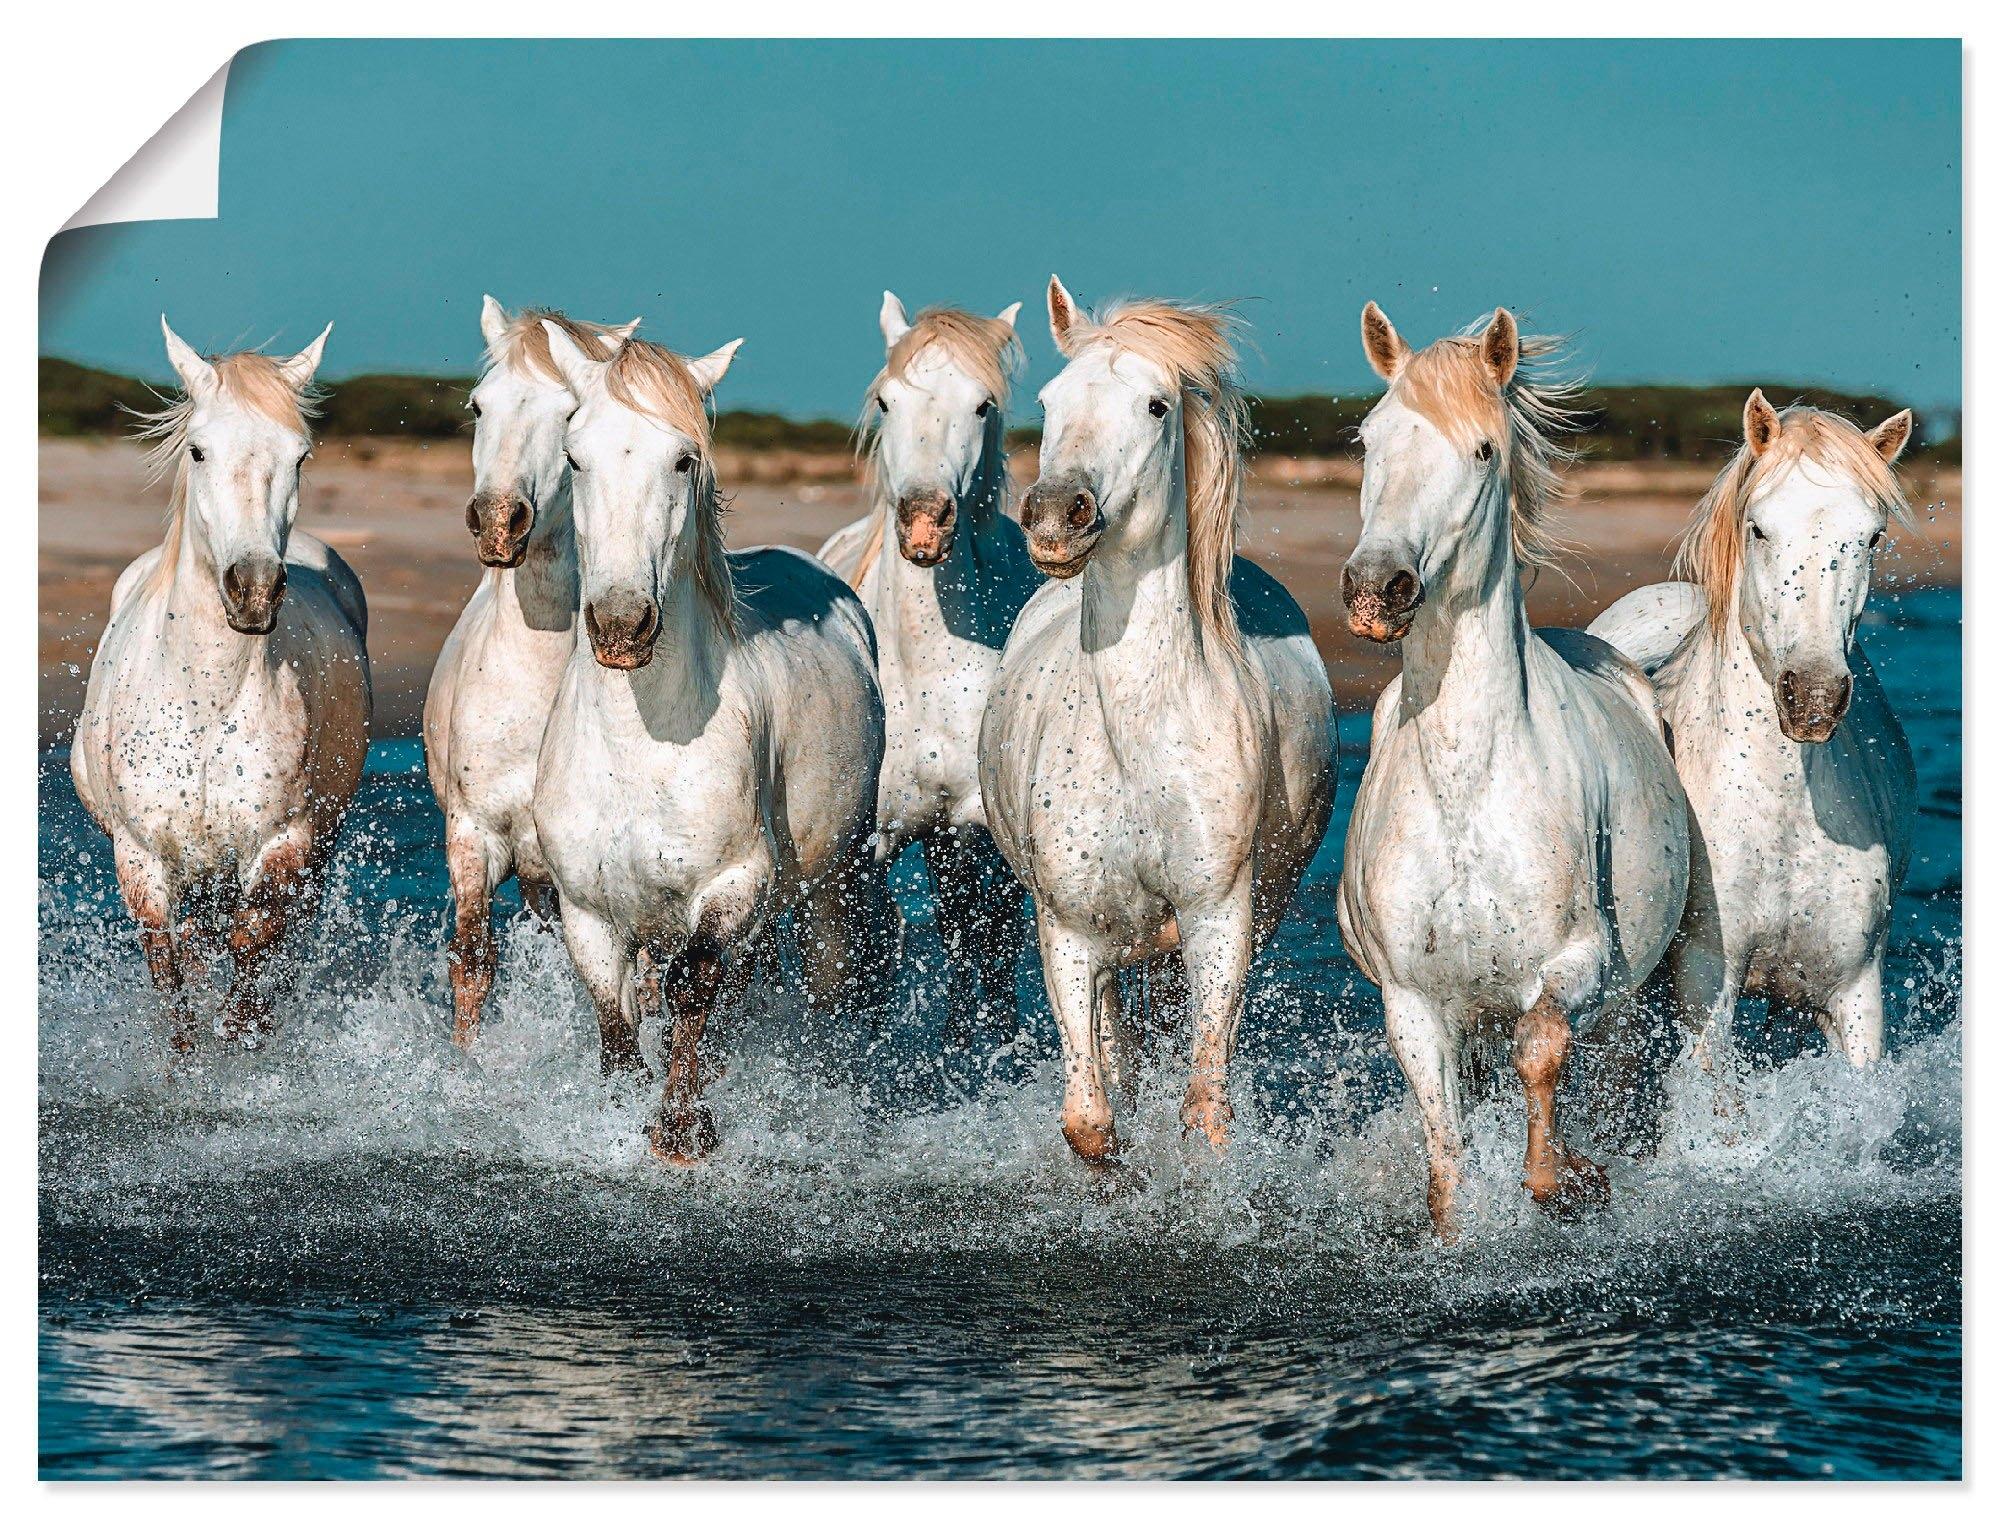 Artland artprint Camargue paarden galopperen op het strand in vele afmetingen & productsoorten - artprint van aluminium / artprint voor buiten, artprint op linnen, poster, muursticker / wandfolie ook geschikt voor de badkamer (1 stuk) in de webshop van OTTO kopen